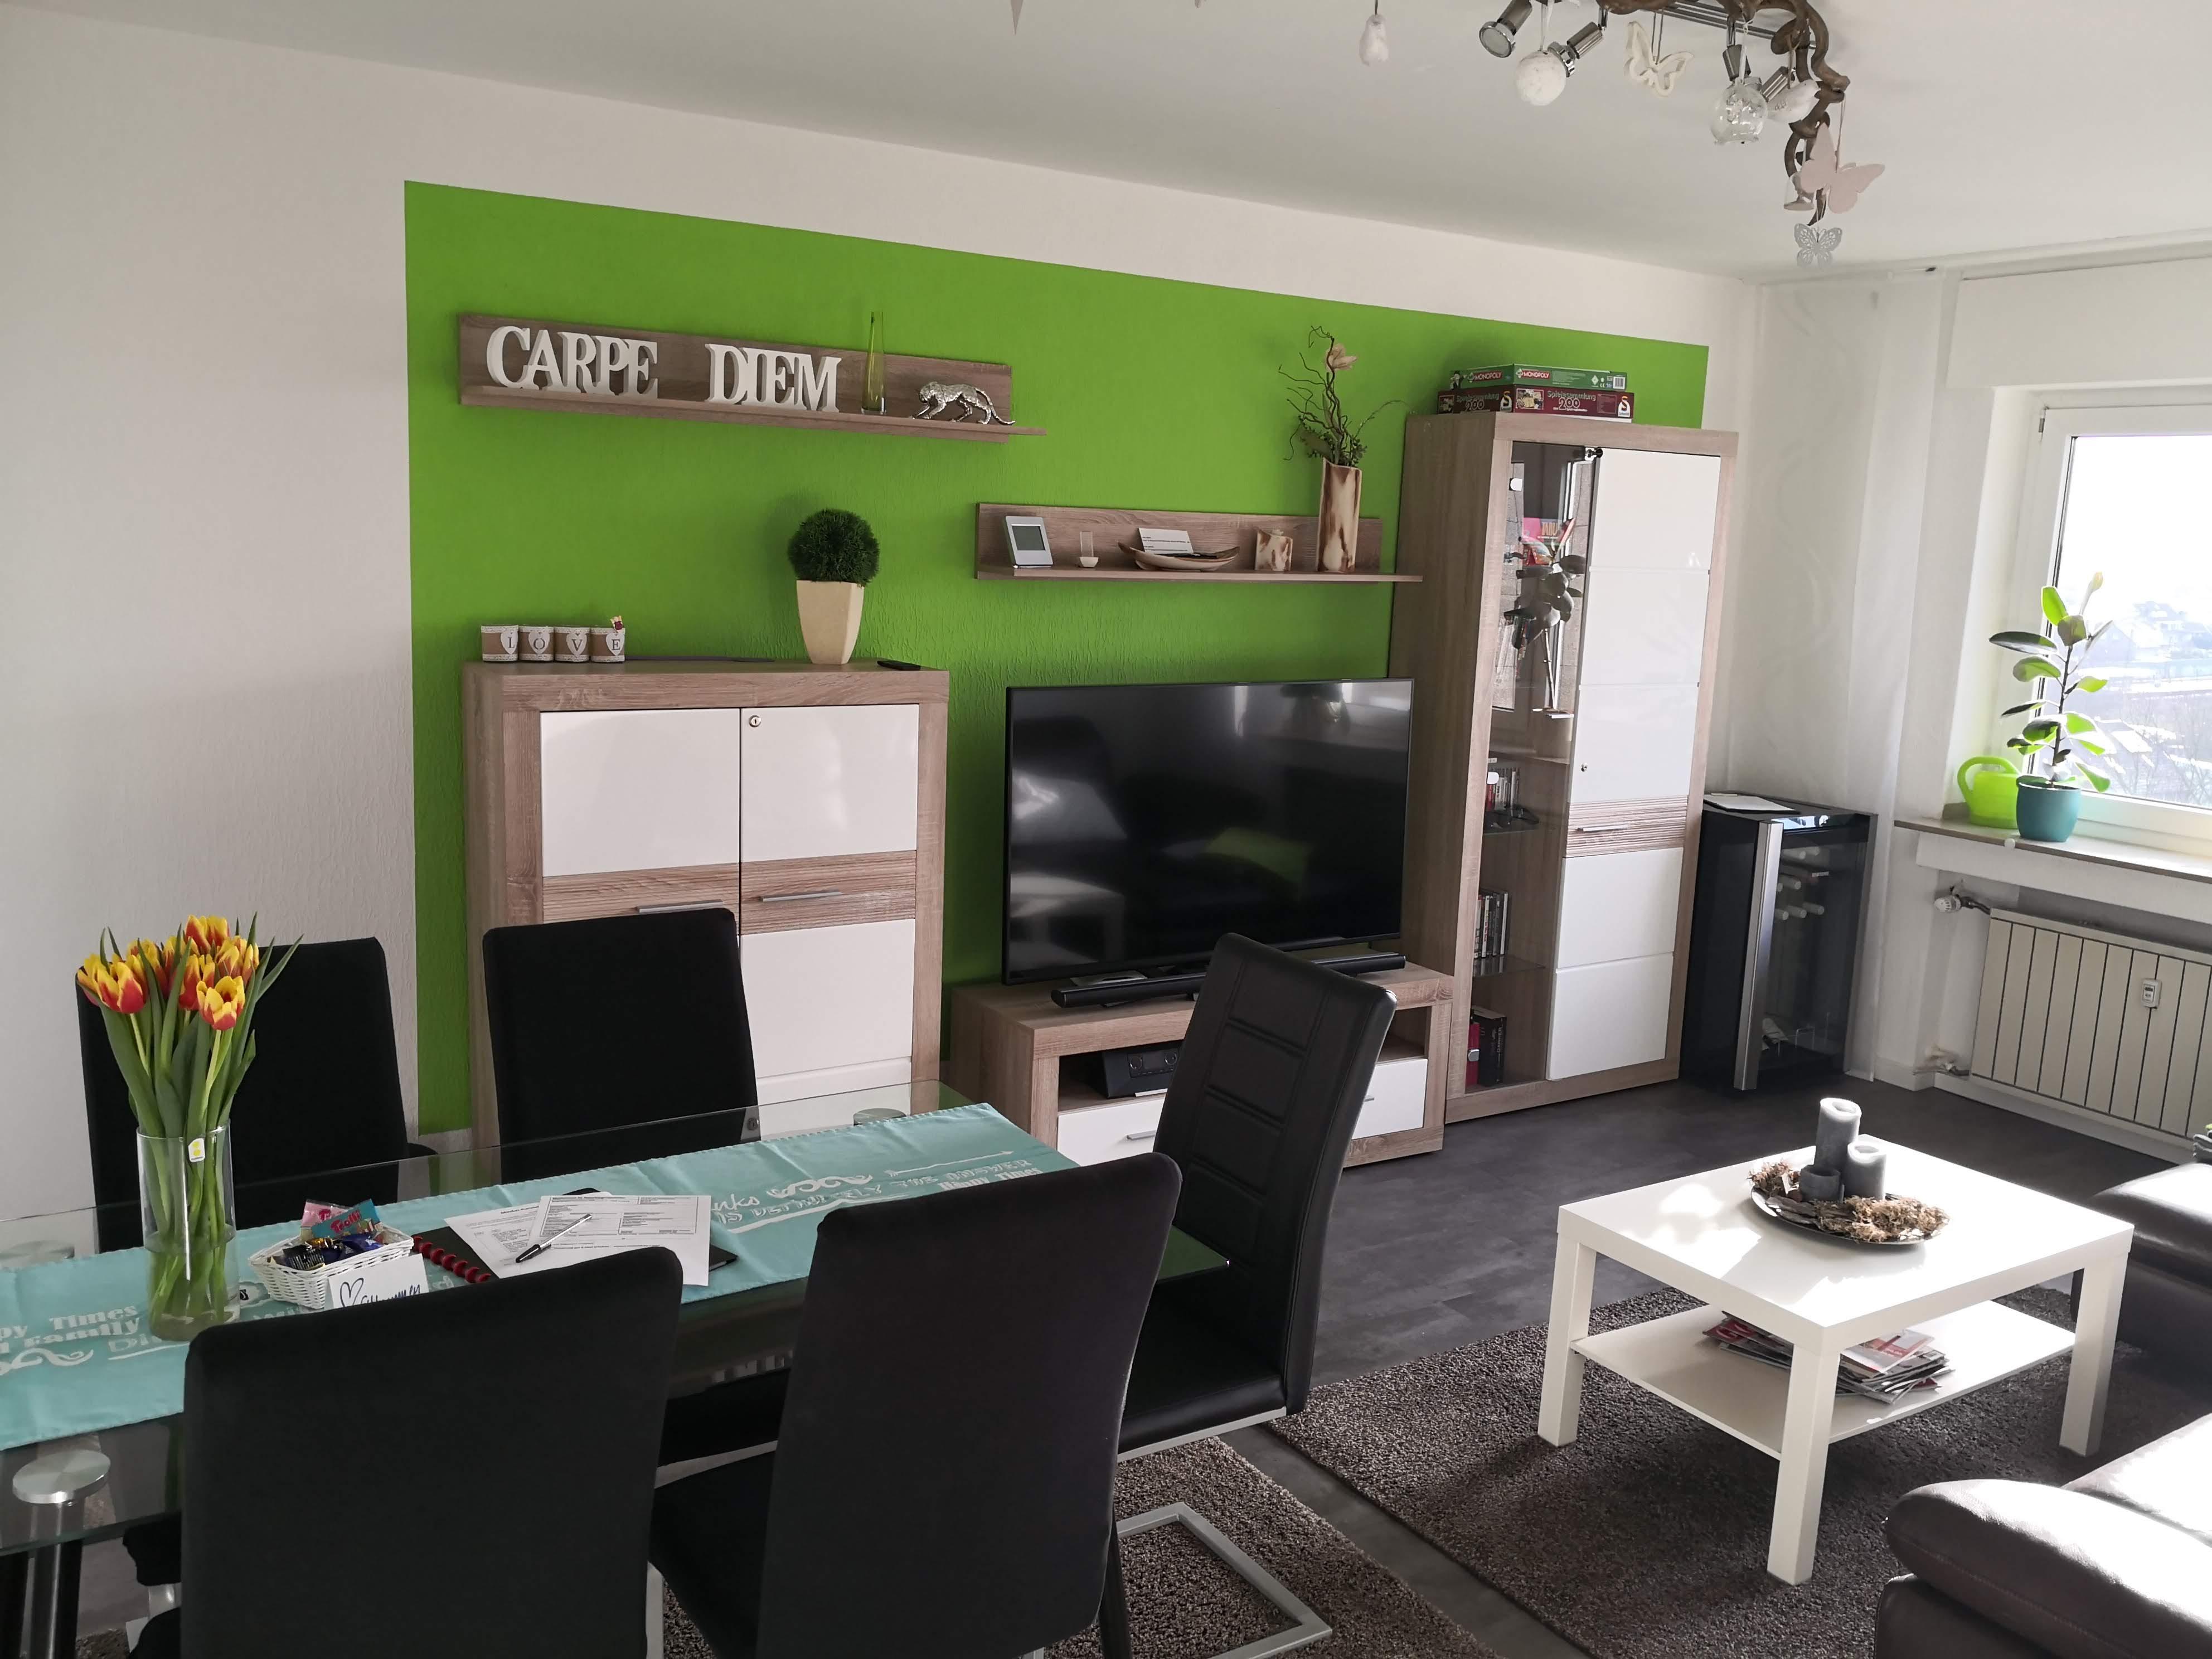 gemütlich gestaltetes Wohnzimmer